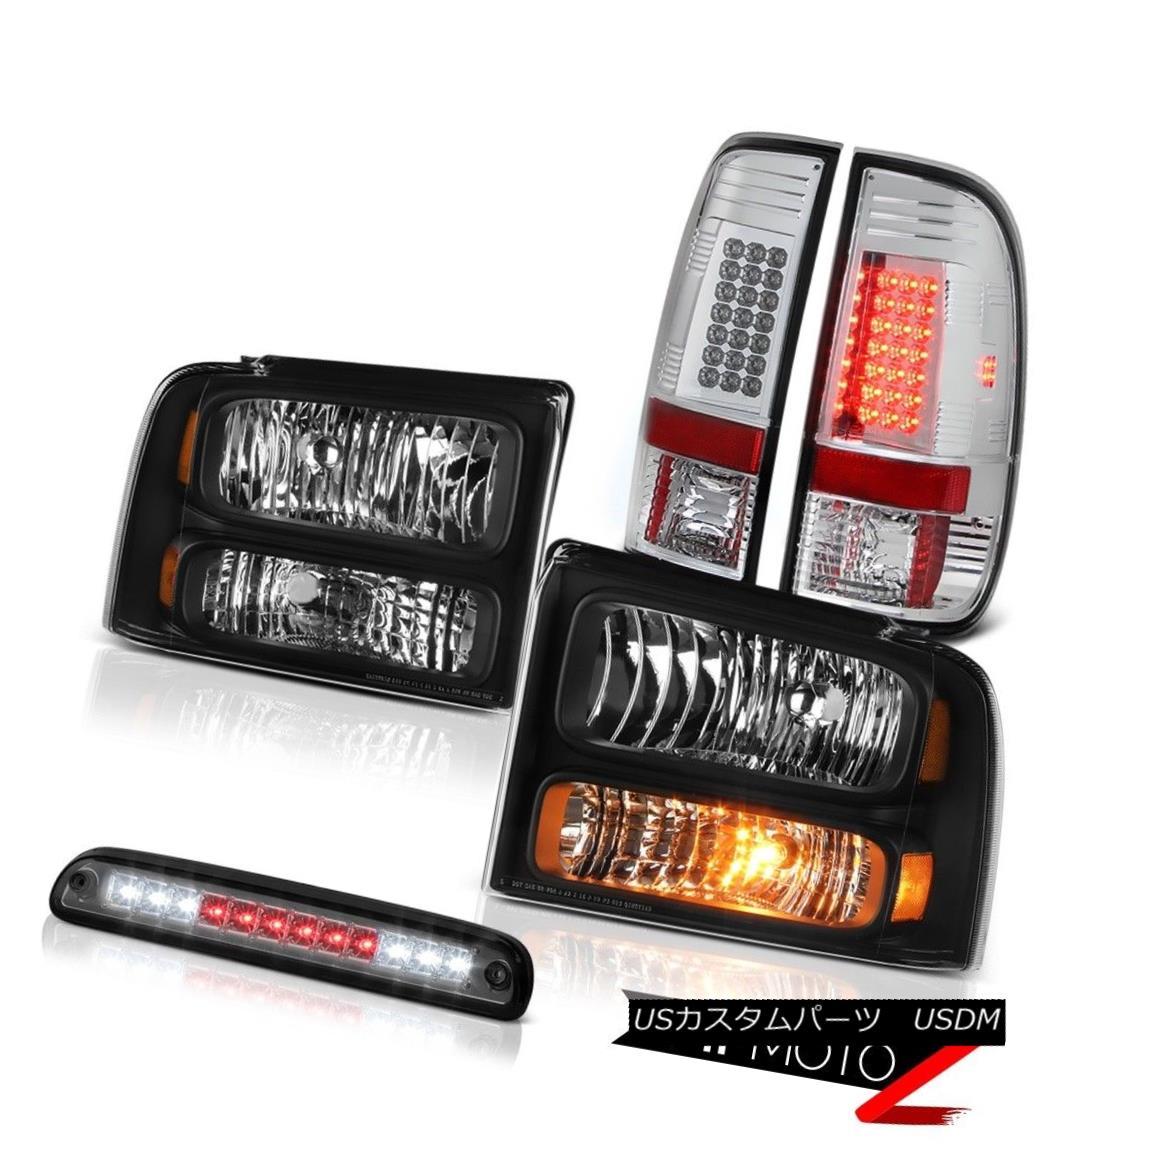 ヘッドライト 2005-2007 F250 5.4L Blk Headlights Bright LED Tail Lights Roof Stop Lamps Smoke 2005-2007 F250 5.4L Blkヘッドライト明るいLEDテールライトルーフストップランプスモーク